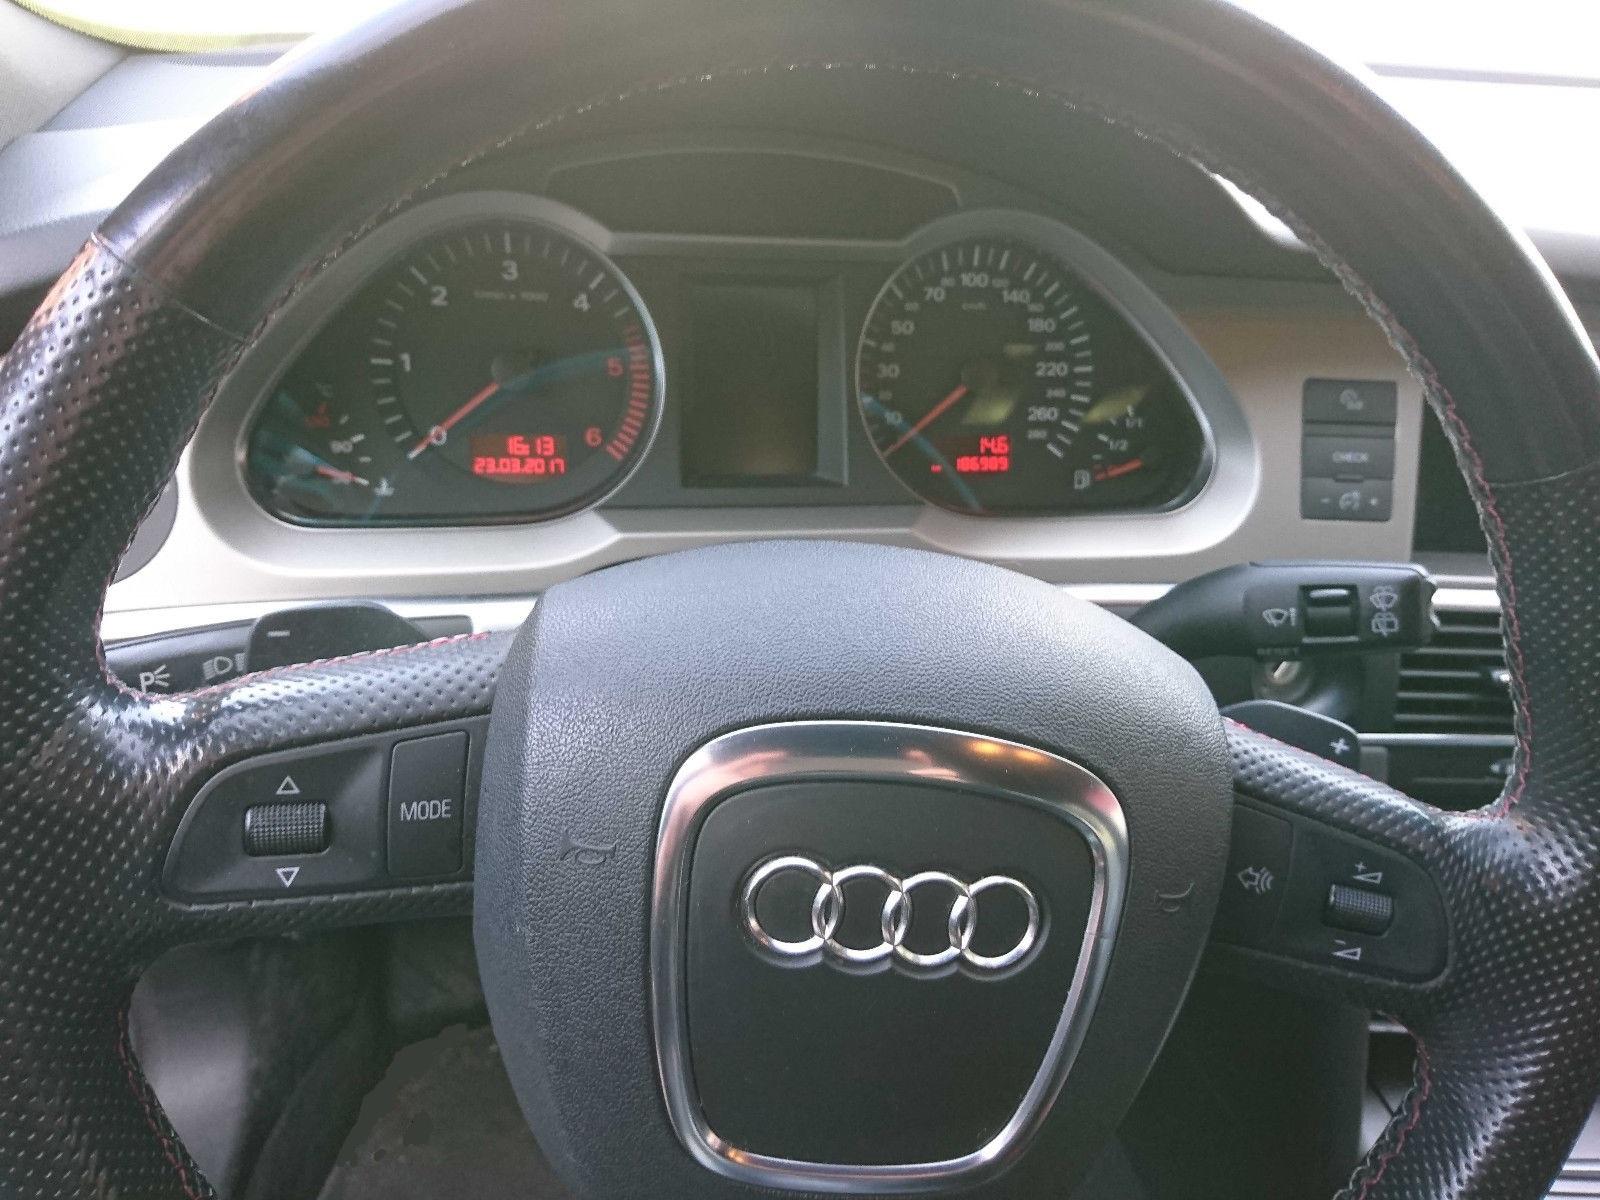 Audi A6 Avant S-line Quattro, 3.0 TDI, 224 ks, 8750 Euro, pokupka na kola ot Germaniya (6.2)